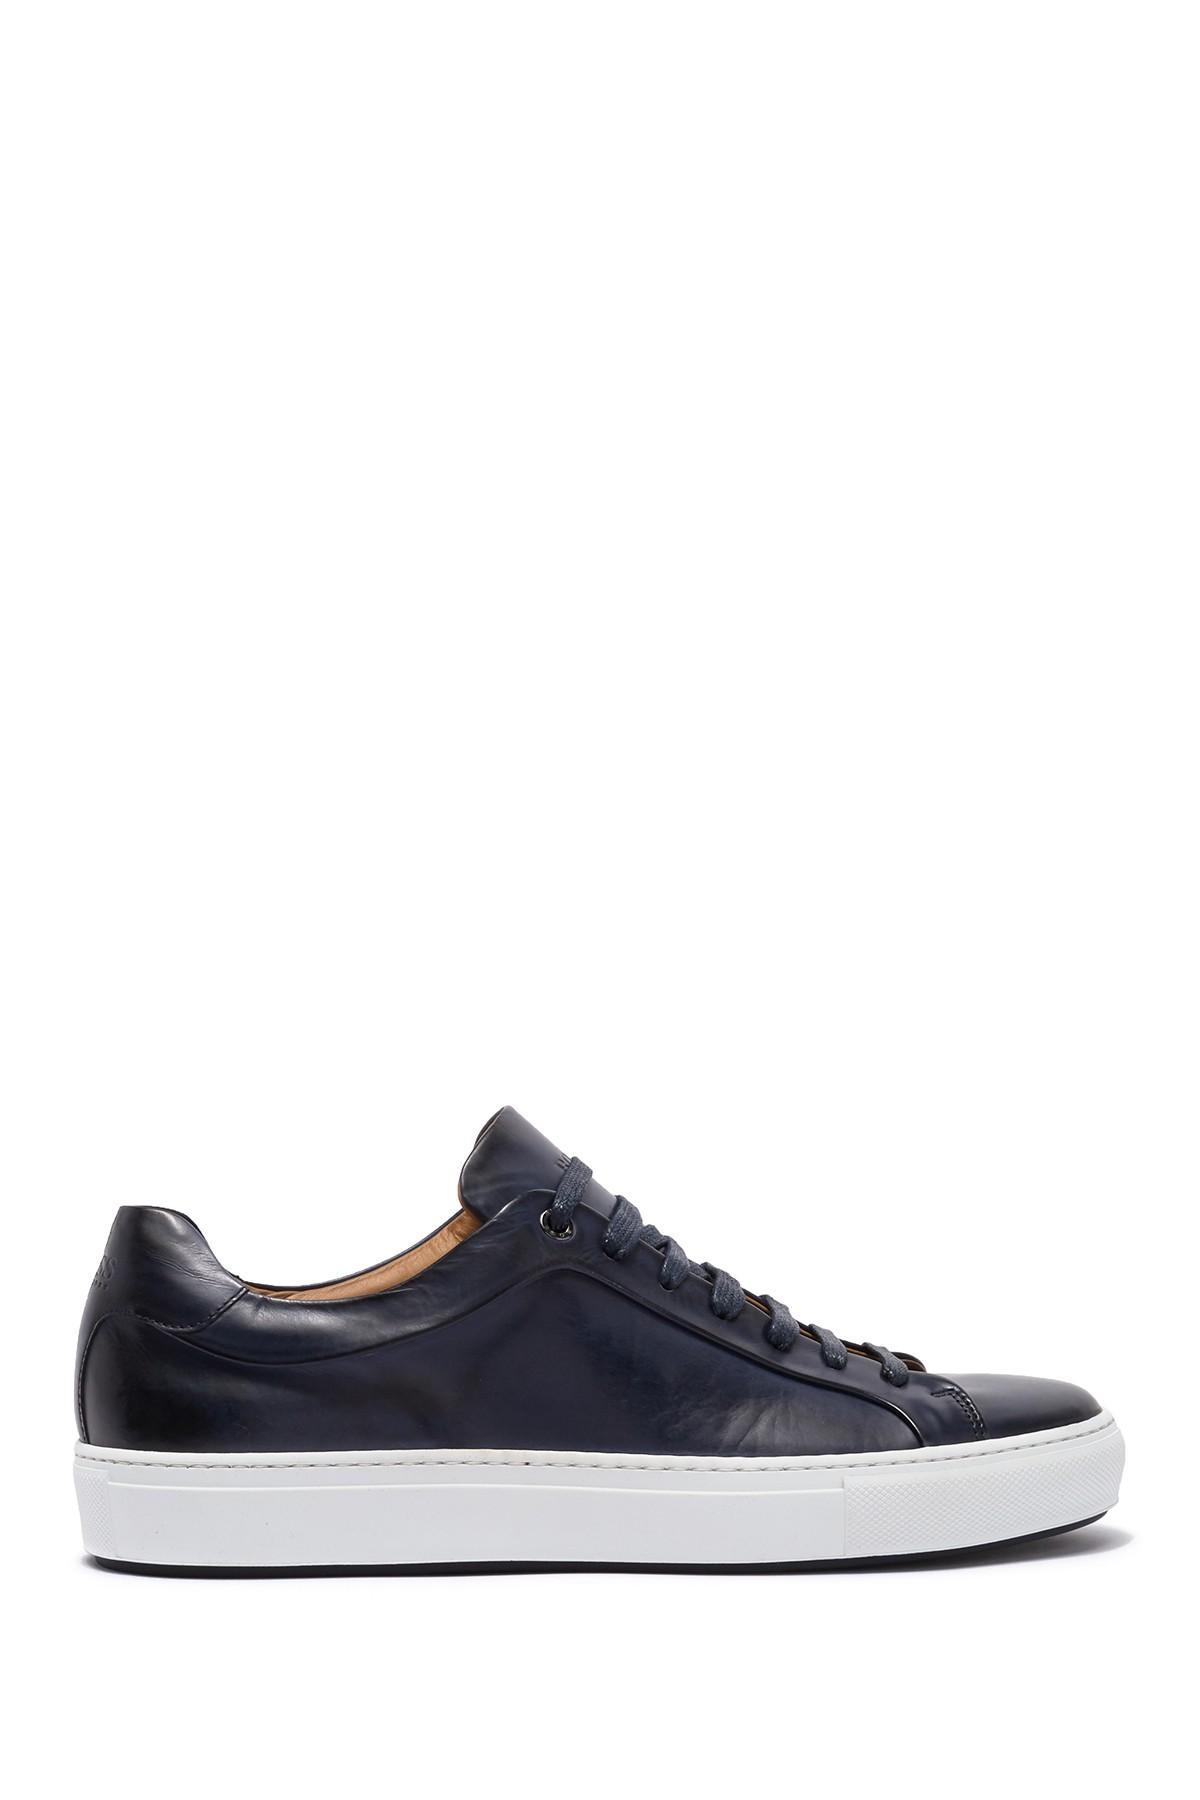 BOSS by Hugo Boss Leather Sneaker